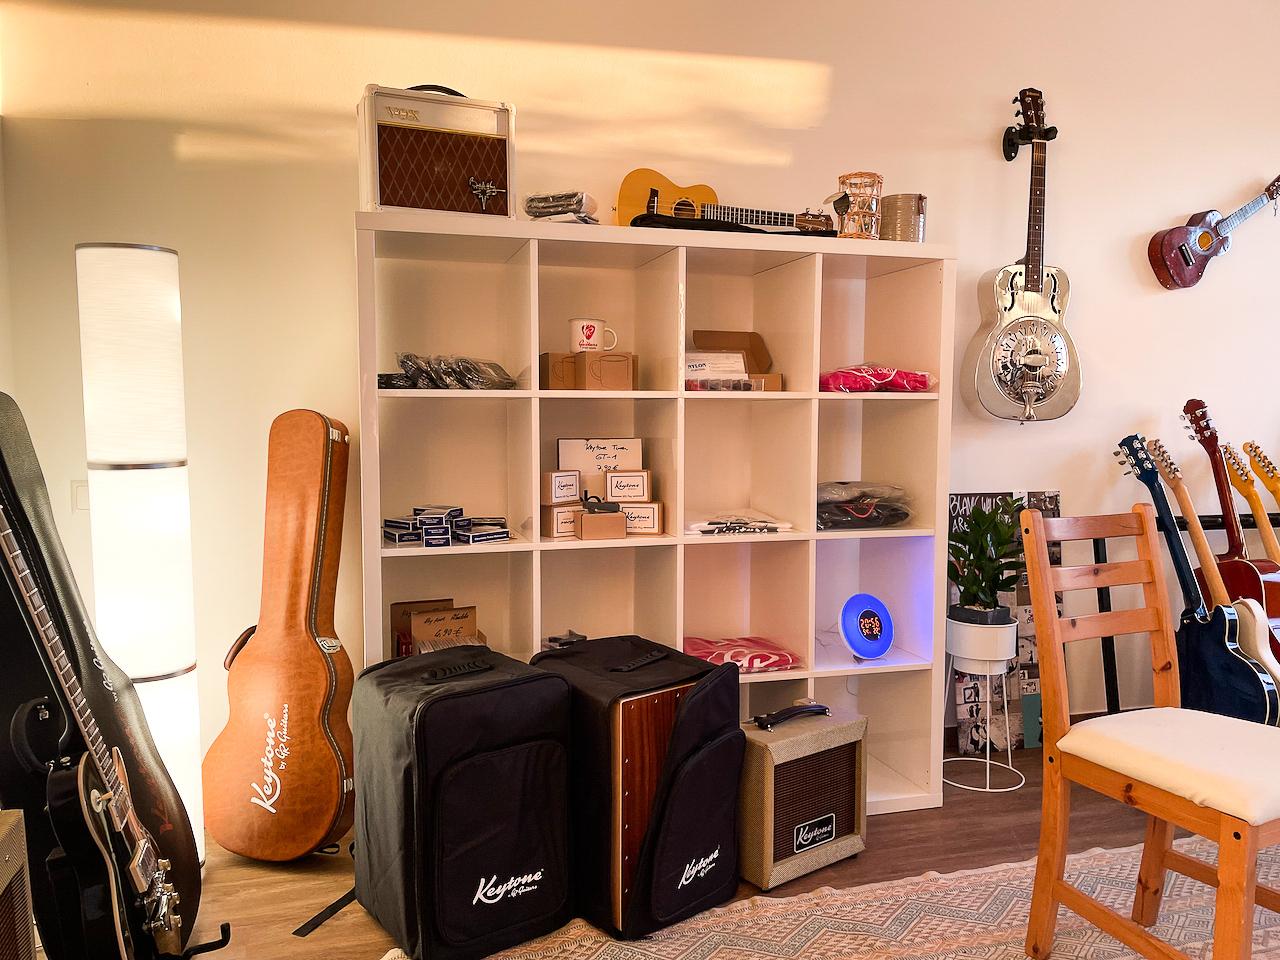 Zubehör und ausgewählte Gitarrenmodelle direkt vor Ort verfügbar!